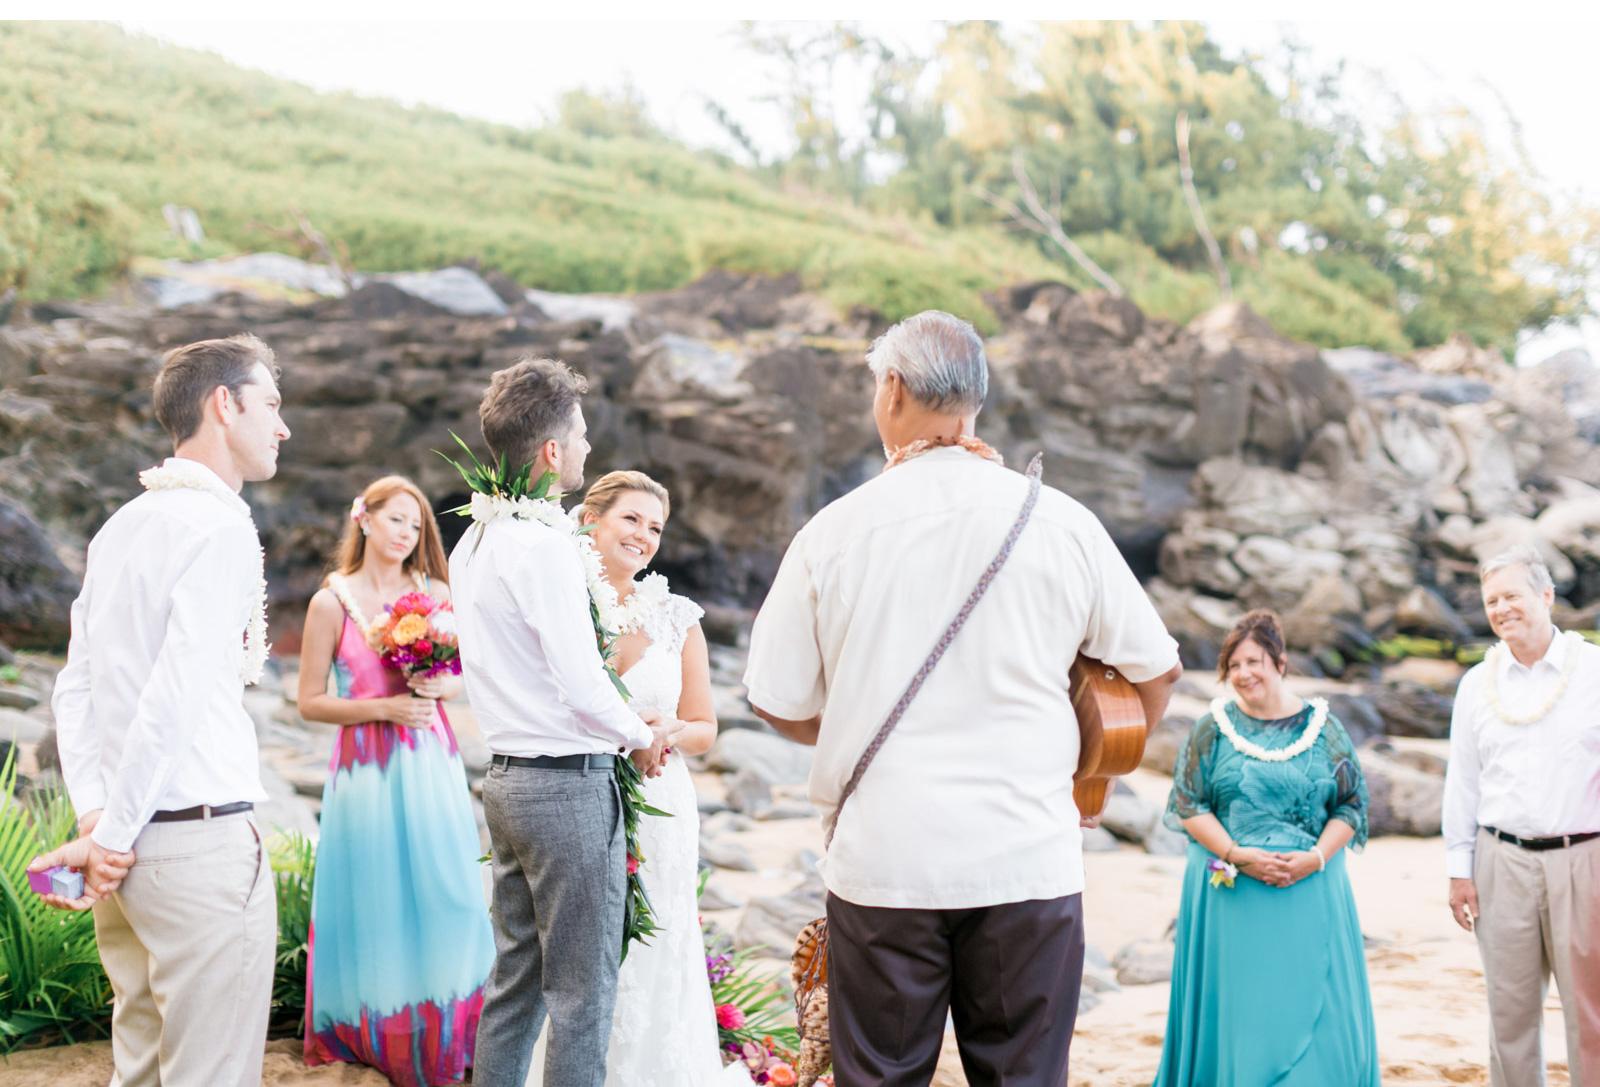 Natalie-Schutt-Photography---Maui-Elopement-Photographer_09.jpg